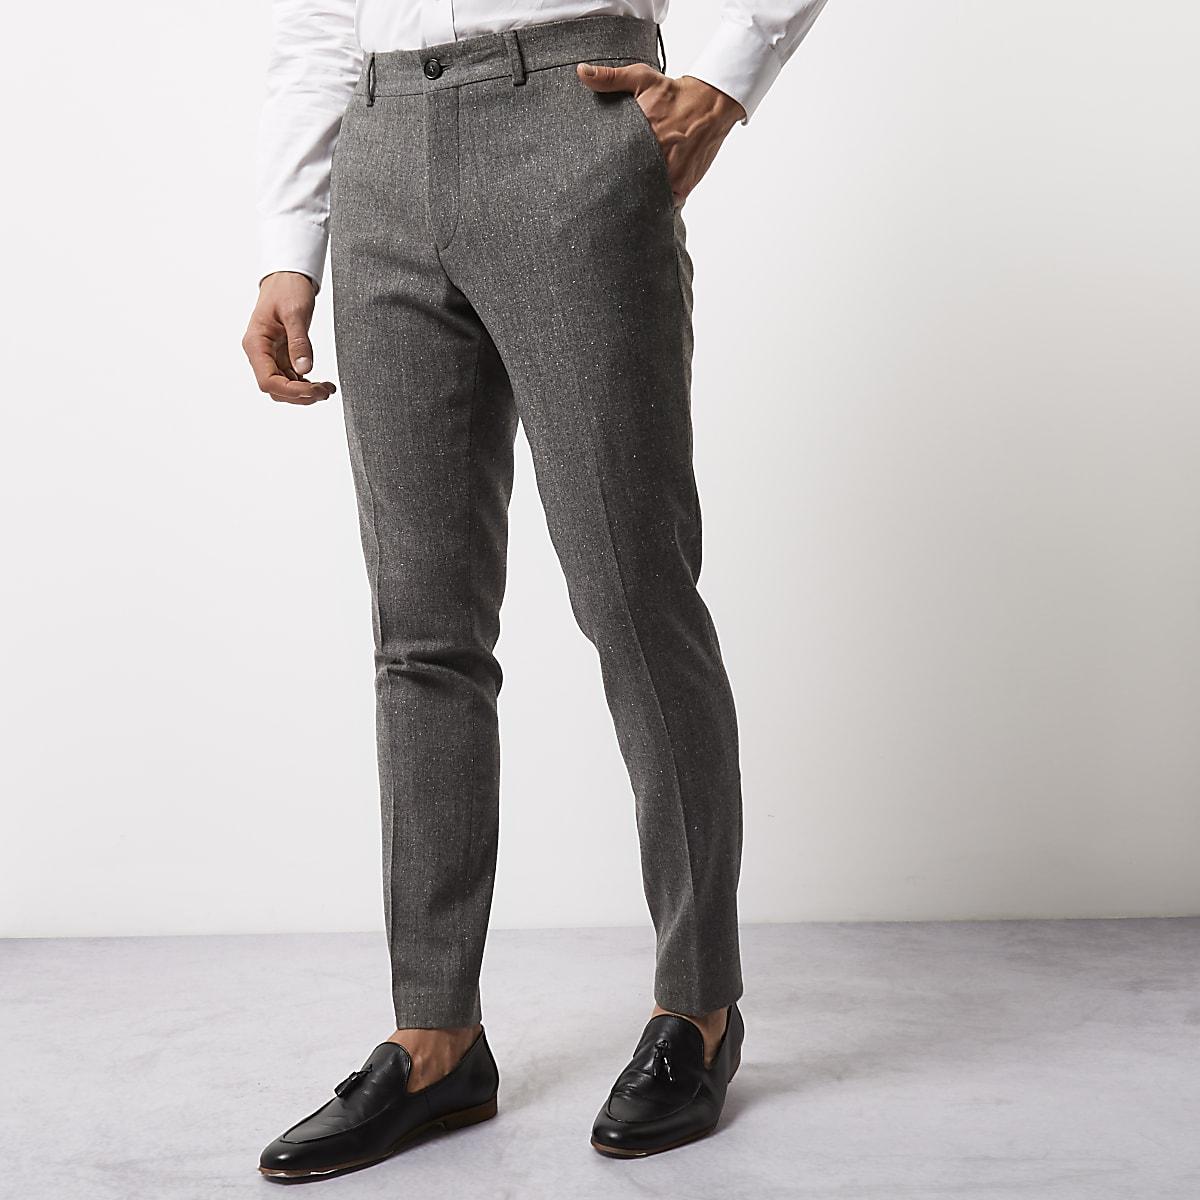 Grey wool blend skinny fit pants